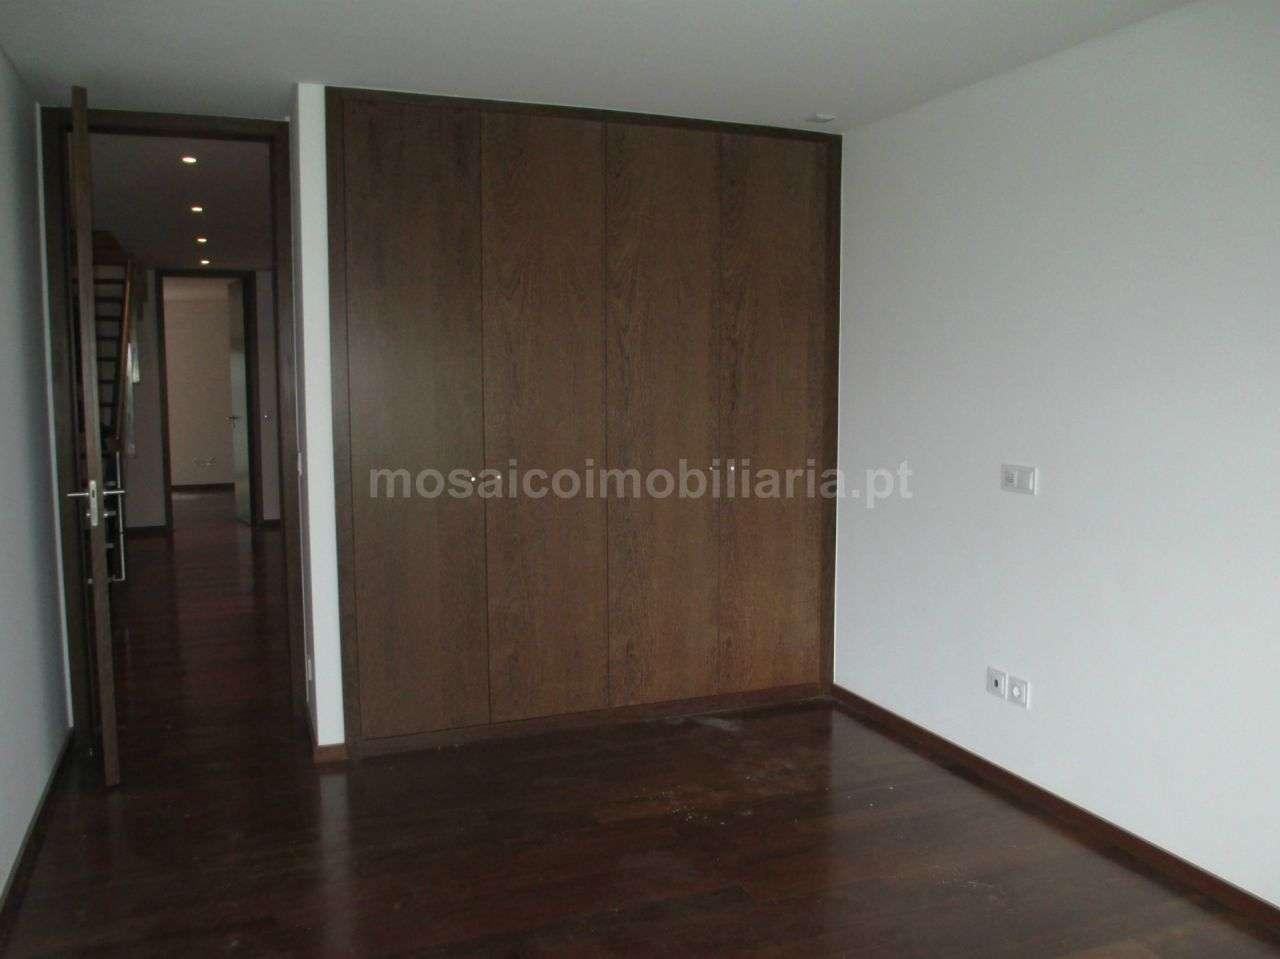 Apartamento para comprar, Canidelo, Porto - Foto 27